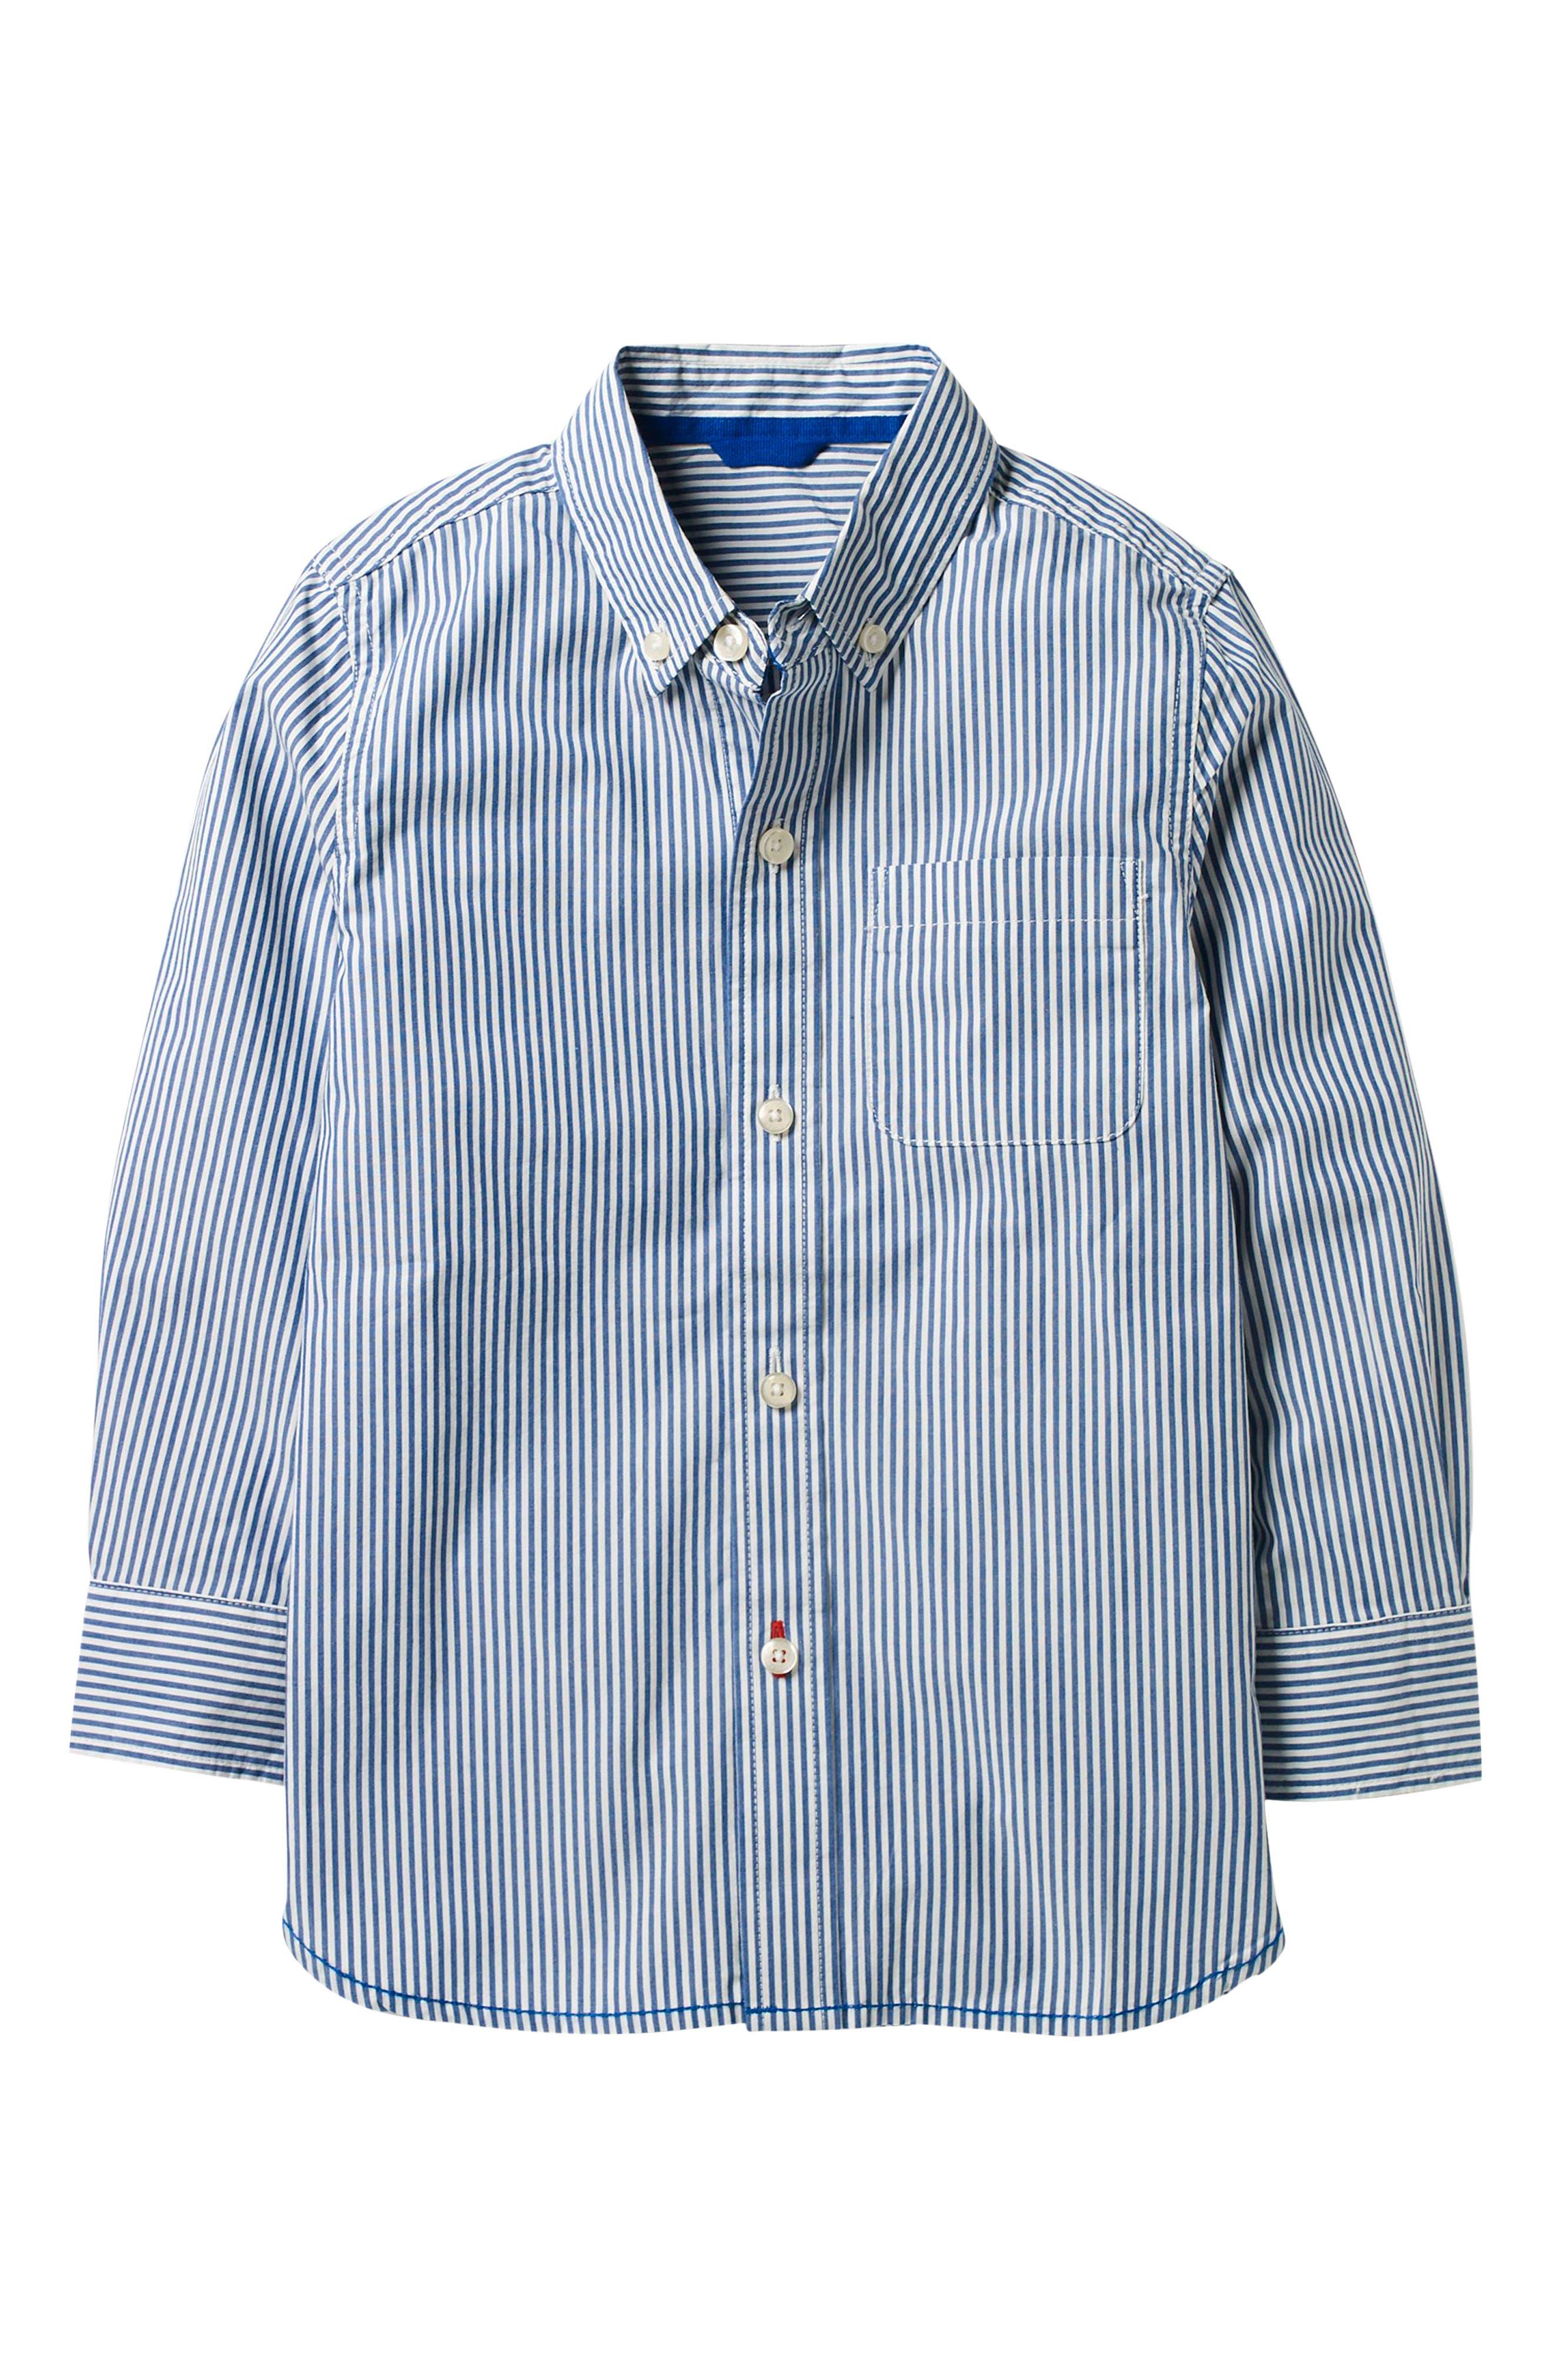 Mini Boden Laundered Stripe Woven Shirt (Toddler Boys, Little Boys & Big Boys)